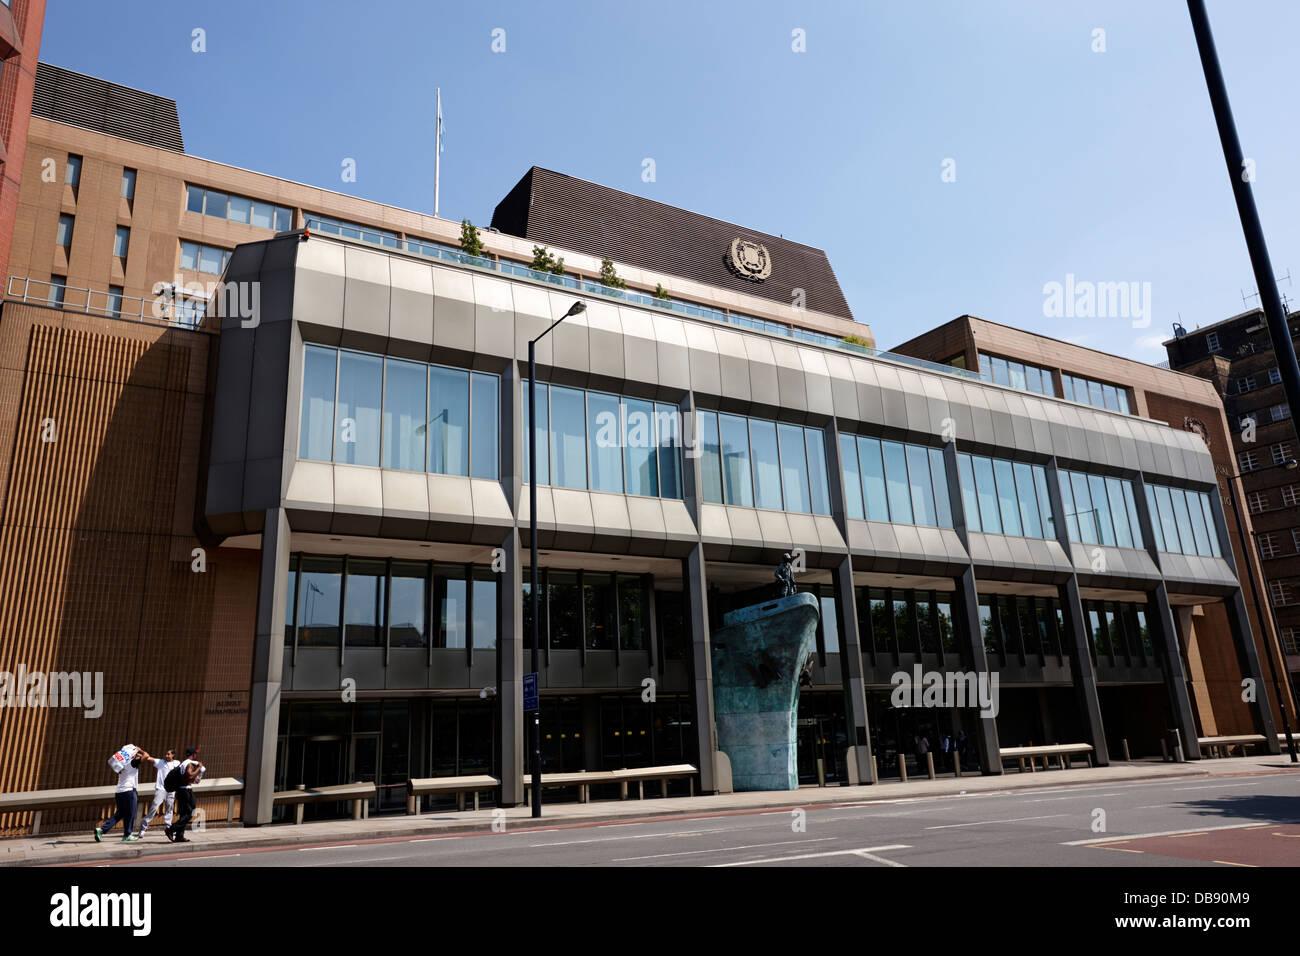 International Maritime Organisation headquarters London England UK - Stock Image